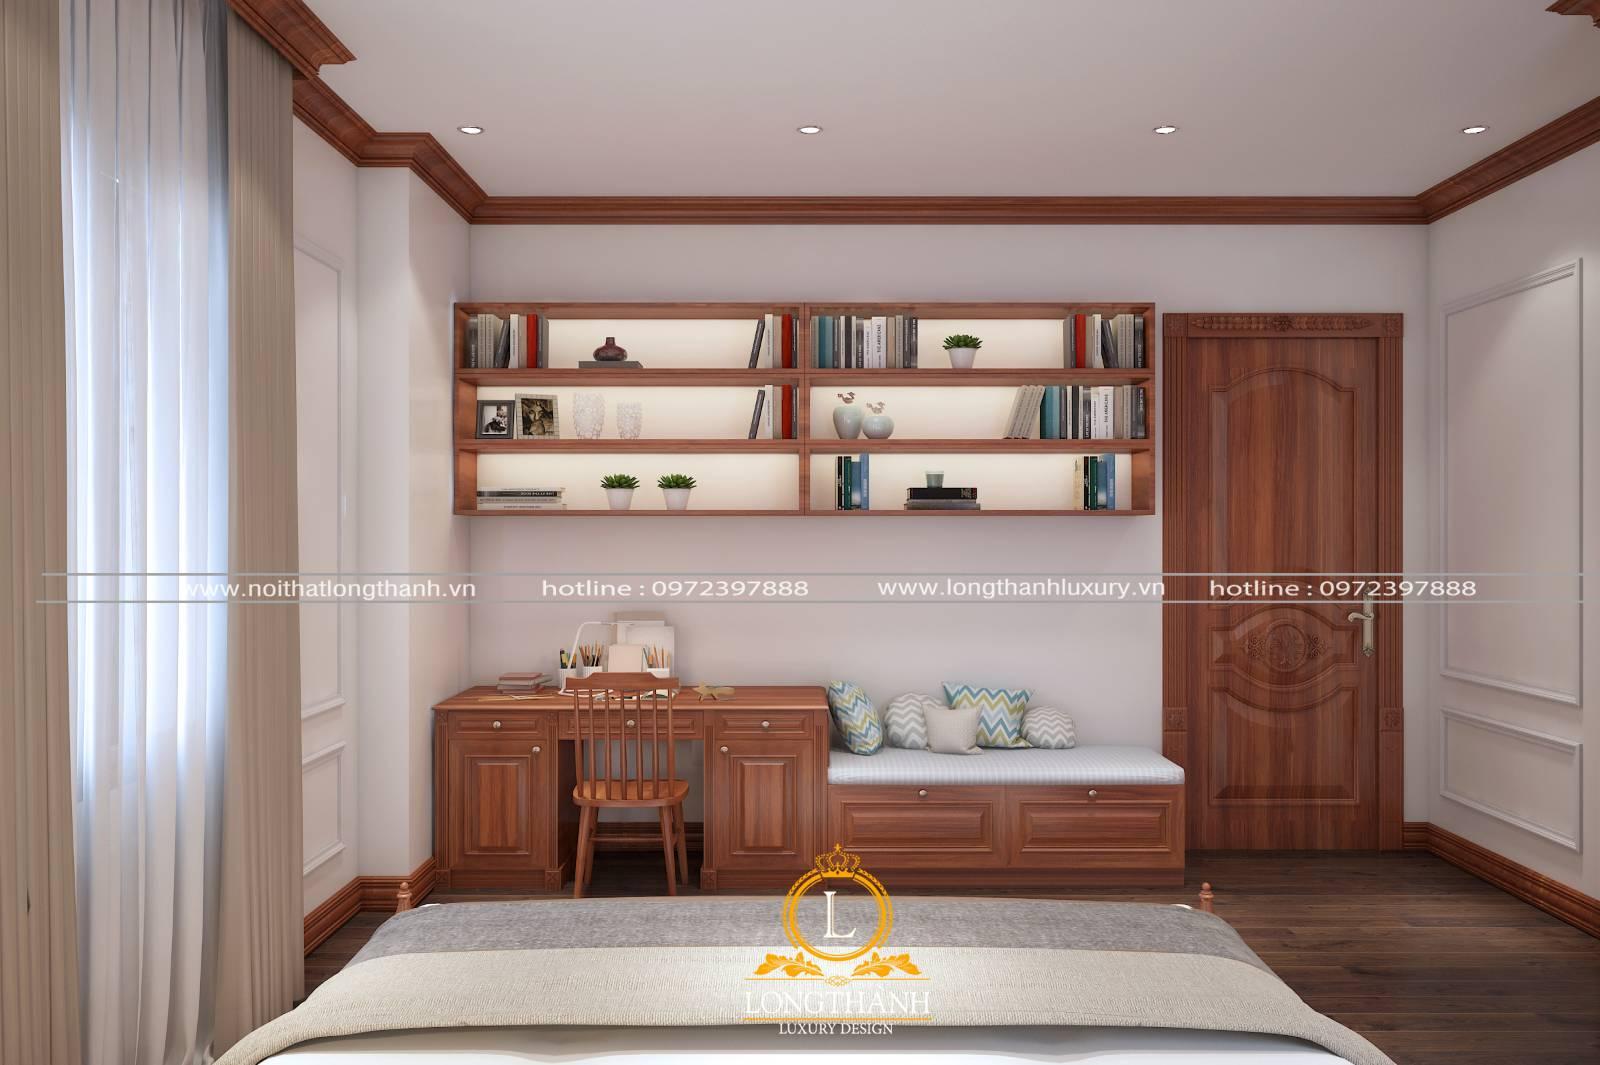 Thiết kế phòng ngủ nhỏ sử dụng cửa đơn 1 cánh gỗ tự nhiên